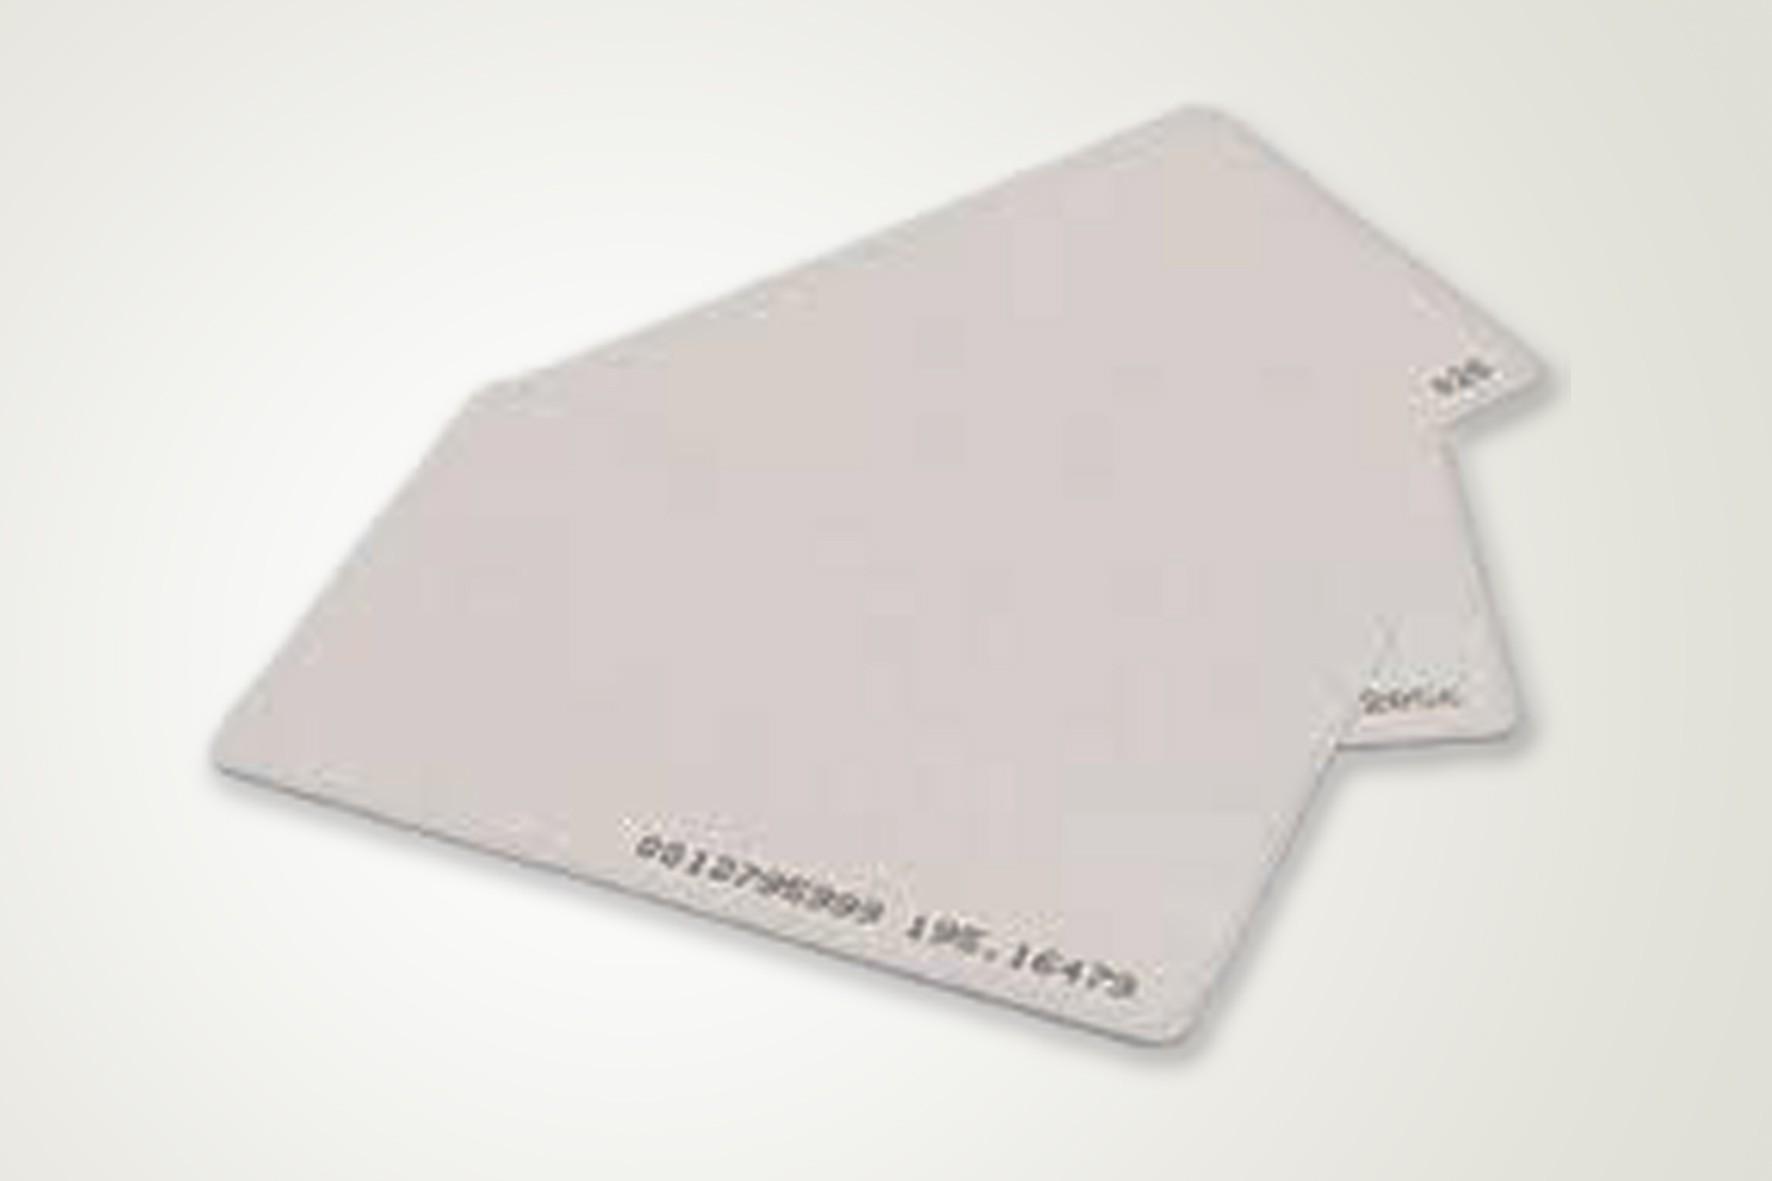 Cartões com Chip de Proximidade no Bangú - Folhinha de Calendário